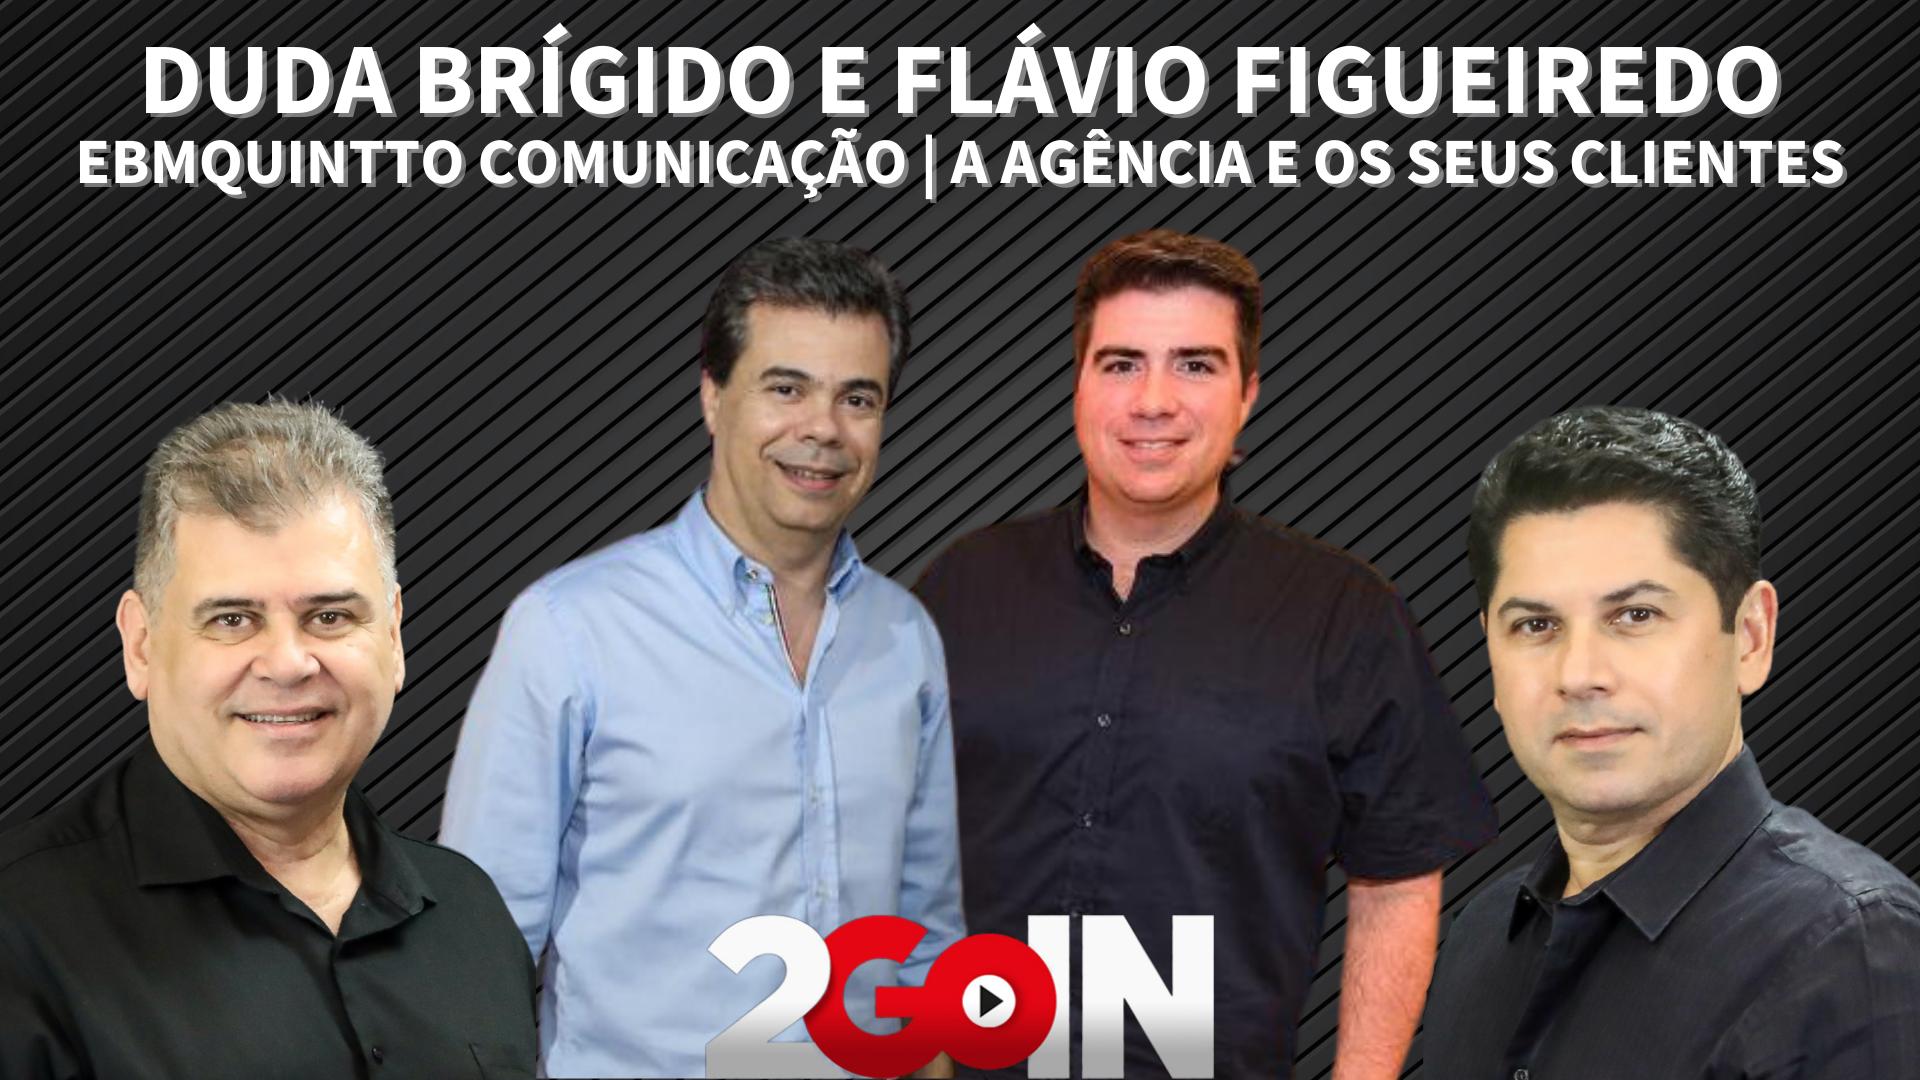 Duda Brígido e Flávio Figueiredo falam sobre investimentos no universo digital